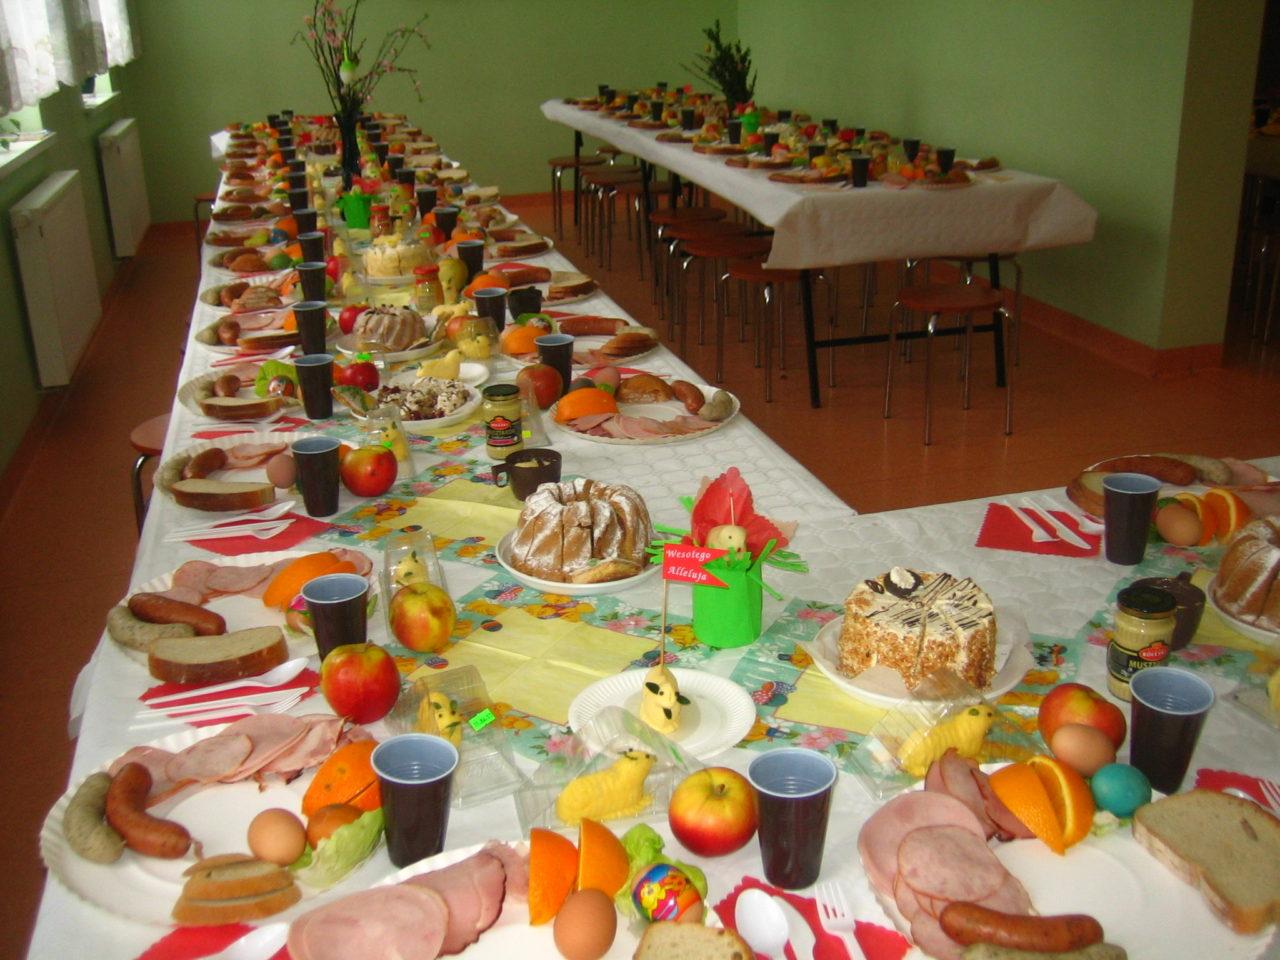 Gniezno Zaproszenie Na śniadanie Wielkanocne Caritas Polska